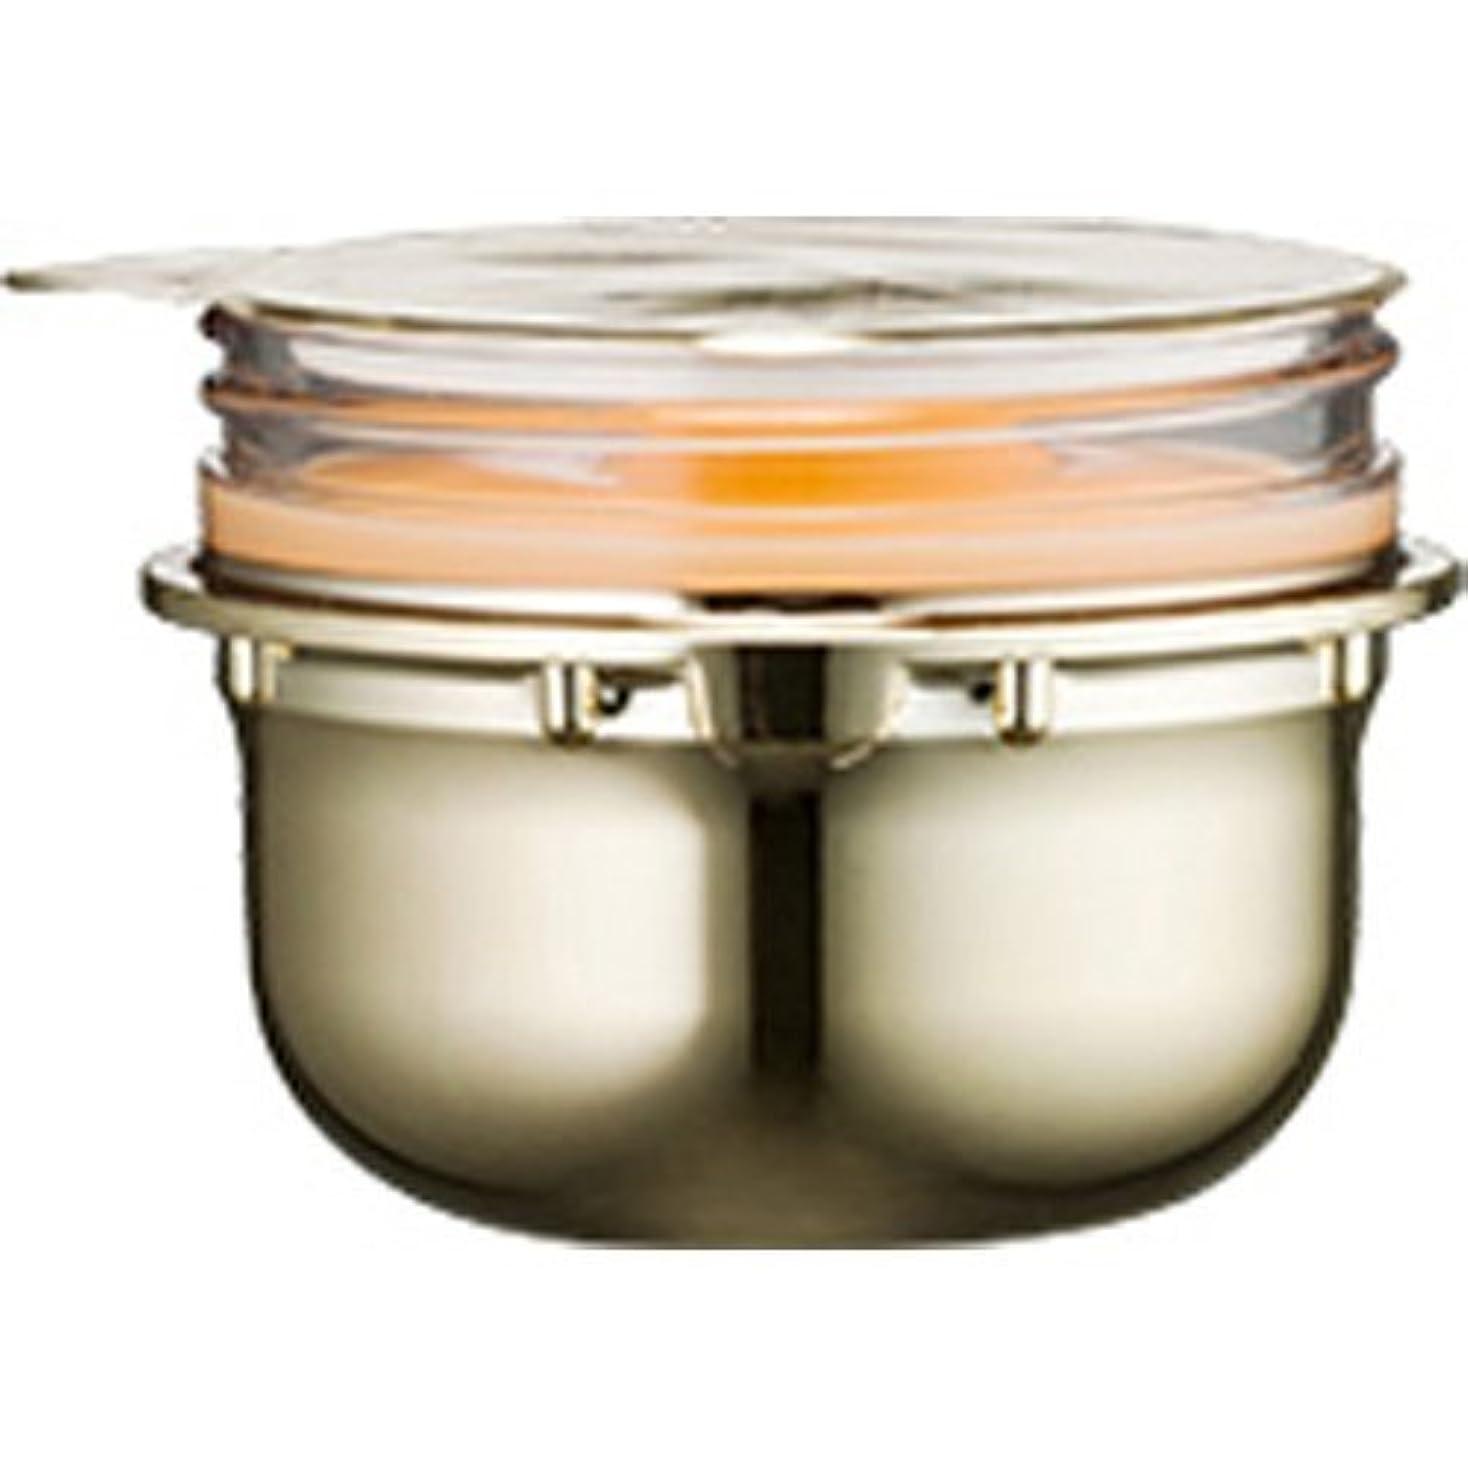 改善する反逆踏みつけアスタリフト ナイトクリーム レフィル 30g 並行輸入品